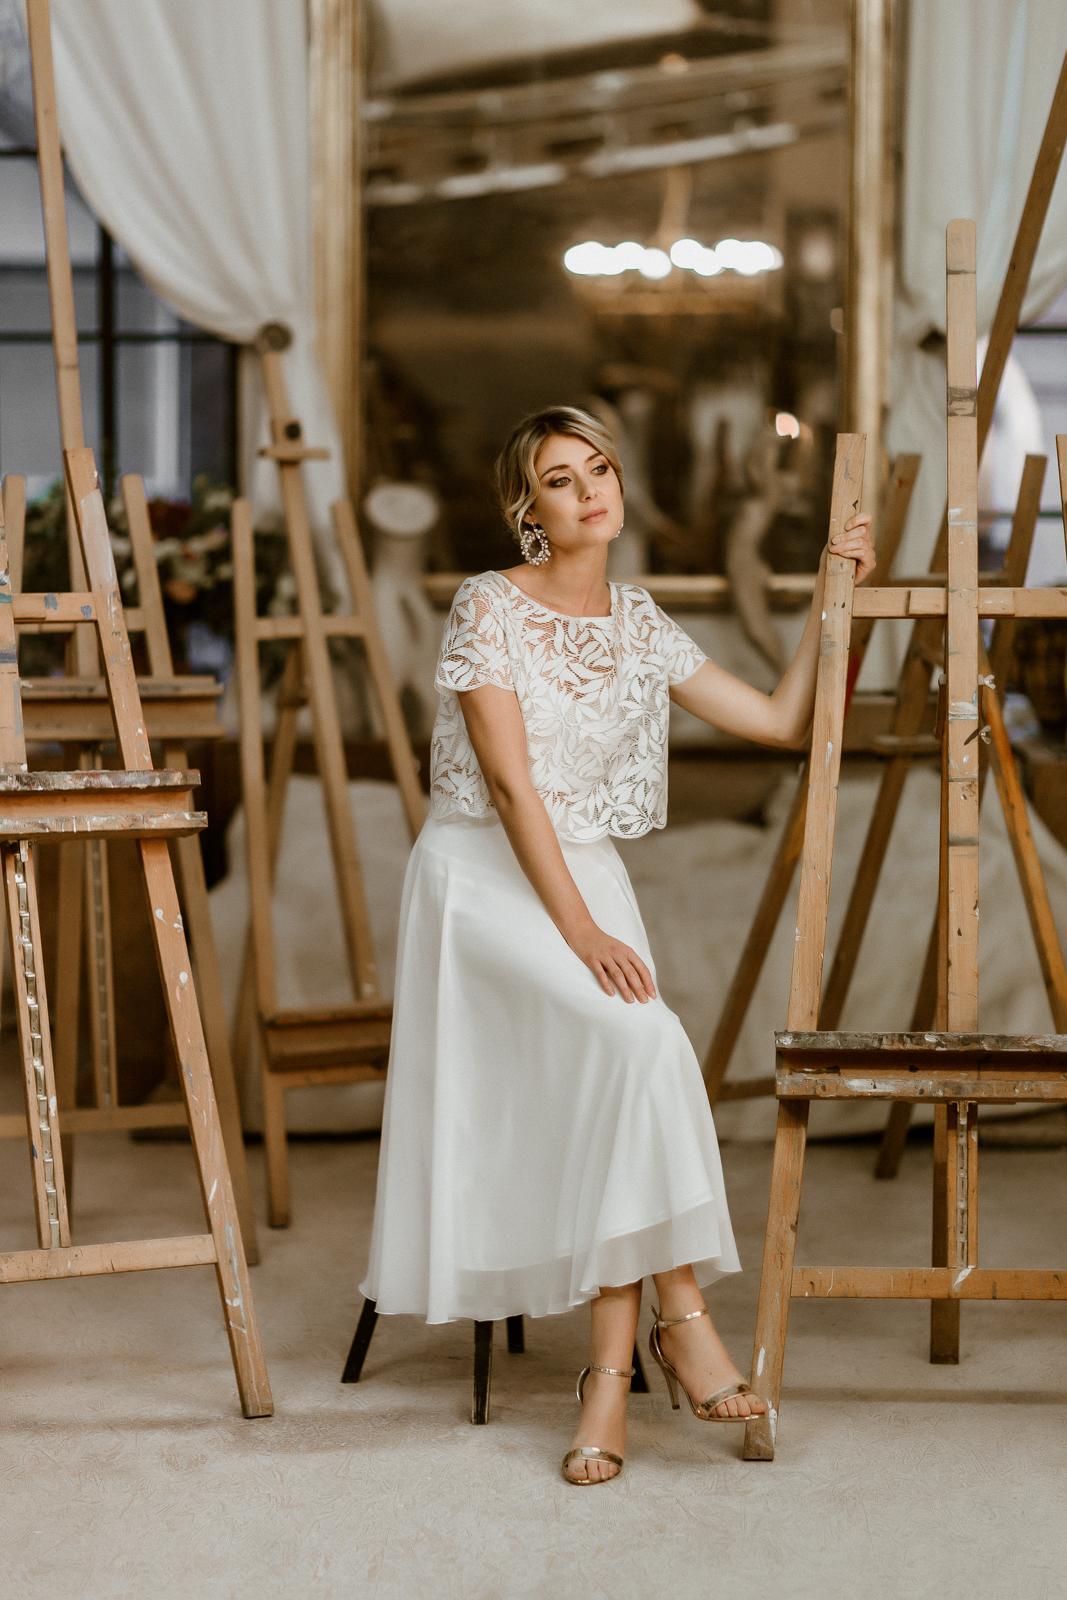 noni Jubiläumskollektion | Zweiteiliges Midi-Brautkleid mit Botanik-Top und Chiffonrock, Vorderansicht, Modell sitzend (Foto: Le Hai Linh)